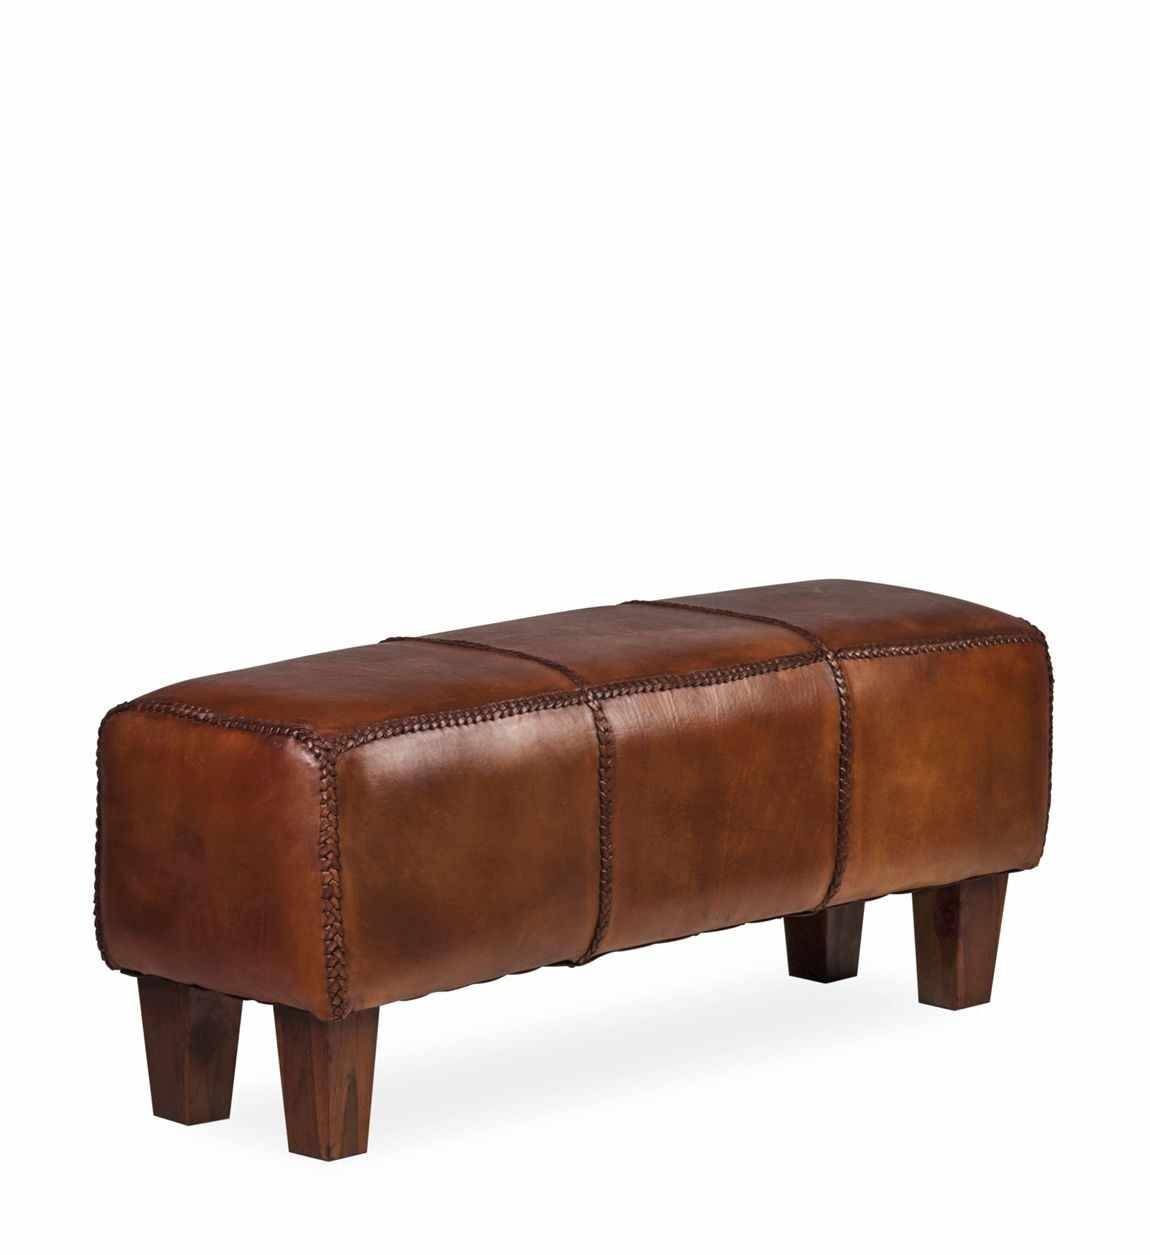 Banca tapitata cu piele naturala si picioare din lemn, Braid Maro Inchis, l110xA35xH45 cm la pret 1150 lei